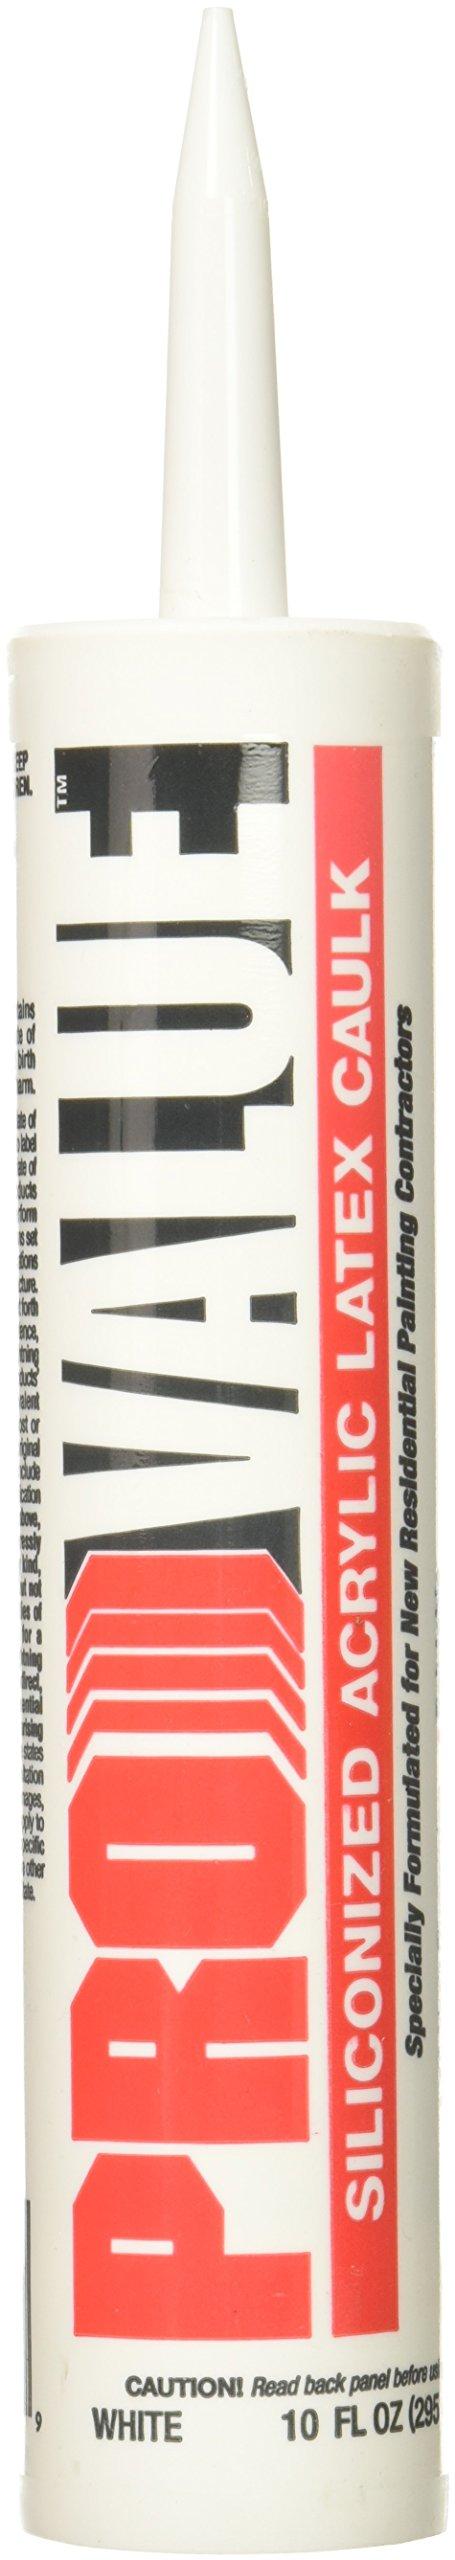 White Lightning Products 9650 Pro Value Siliconized Acrylic Latex Caulk, Bright White